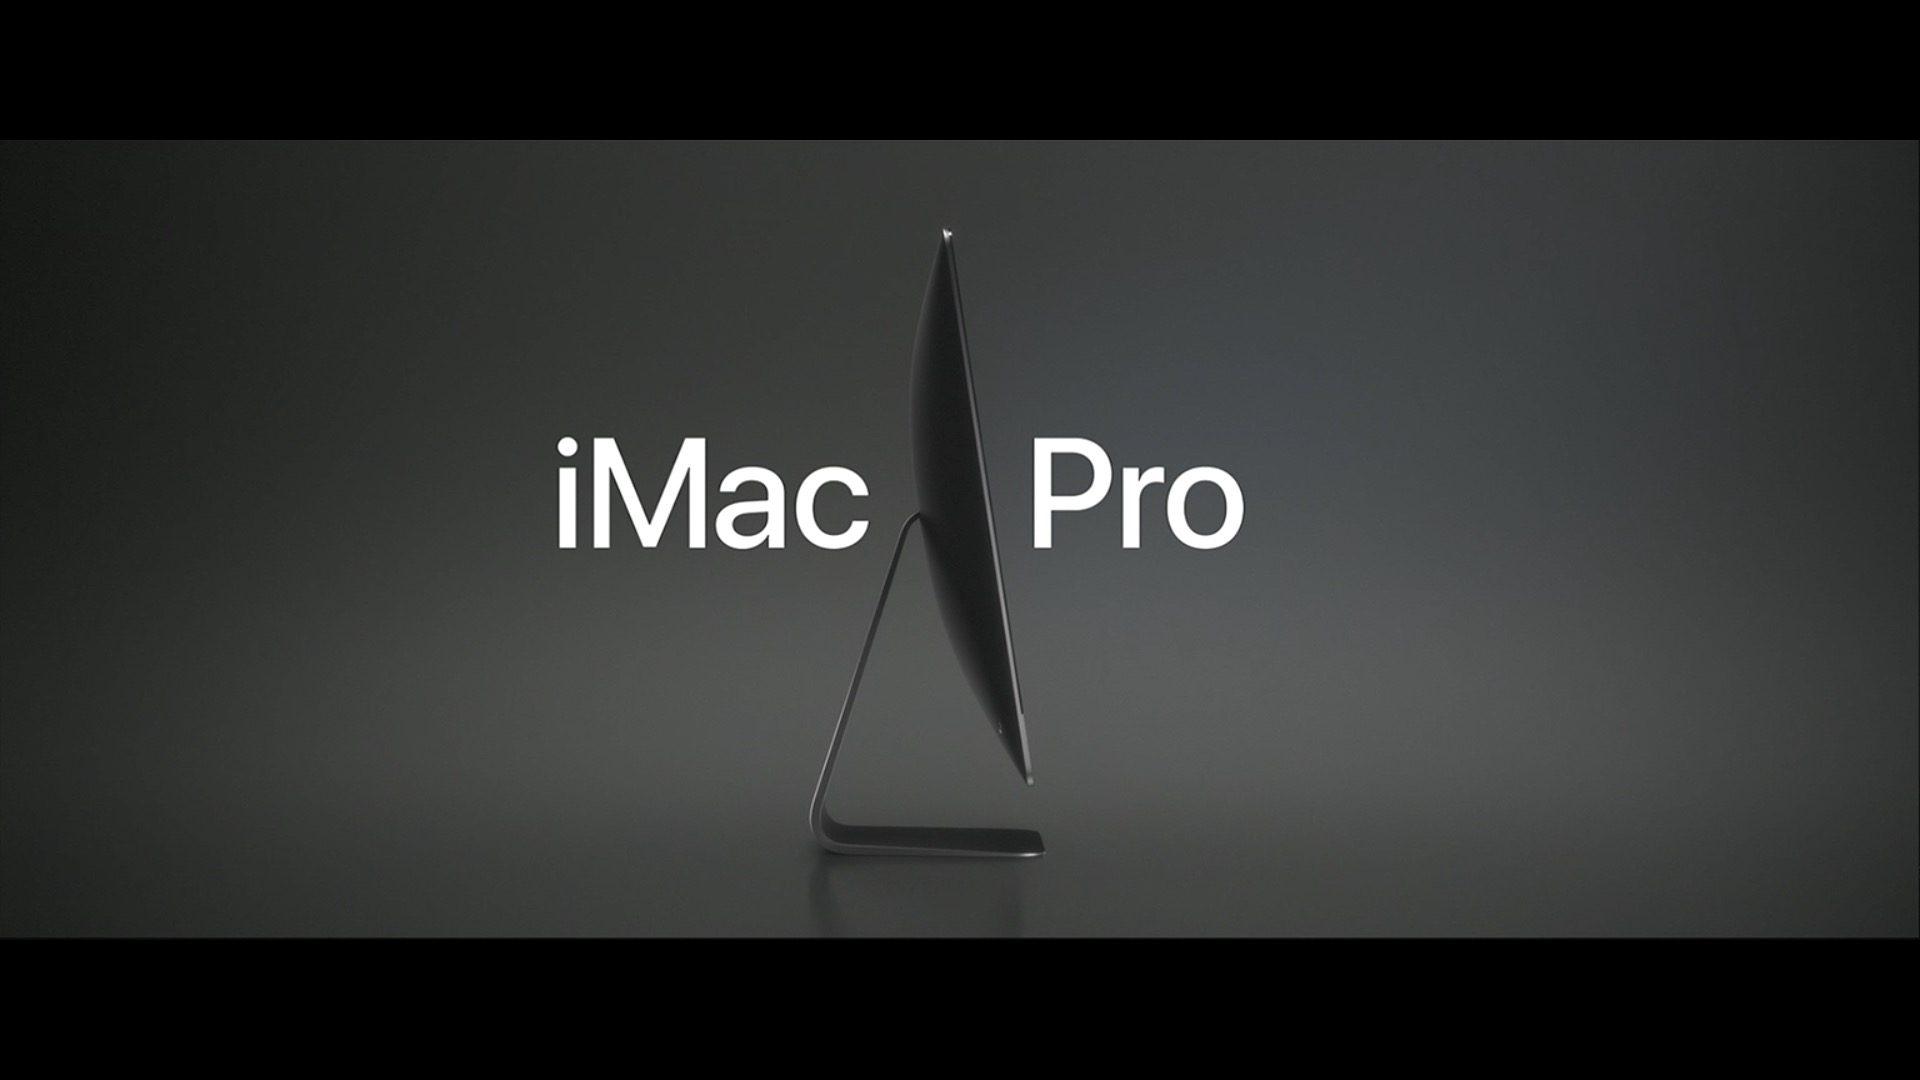 Đang tải imac-pro-8.jpg…